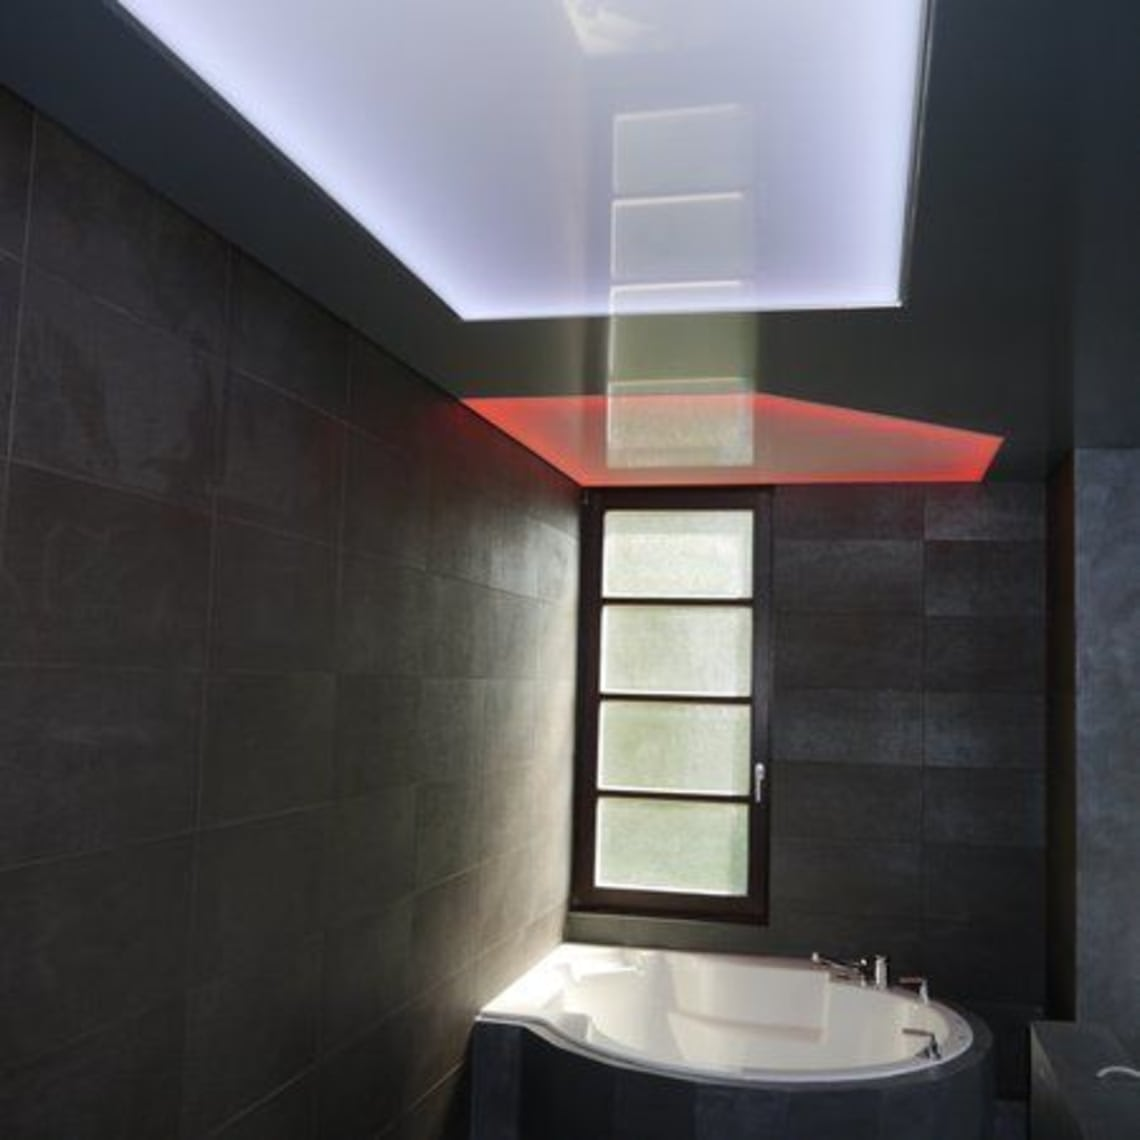 Lichtdecke über Badewanne rot